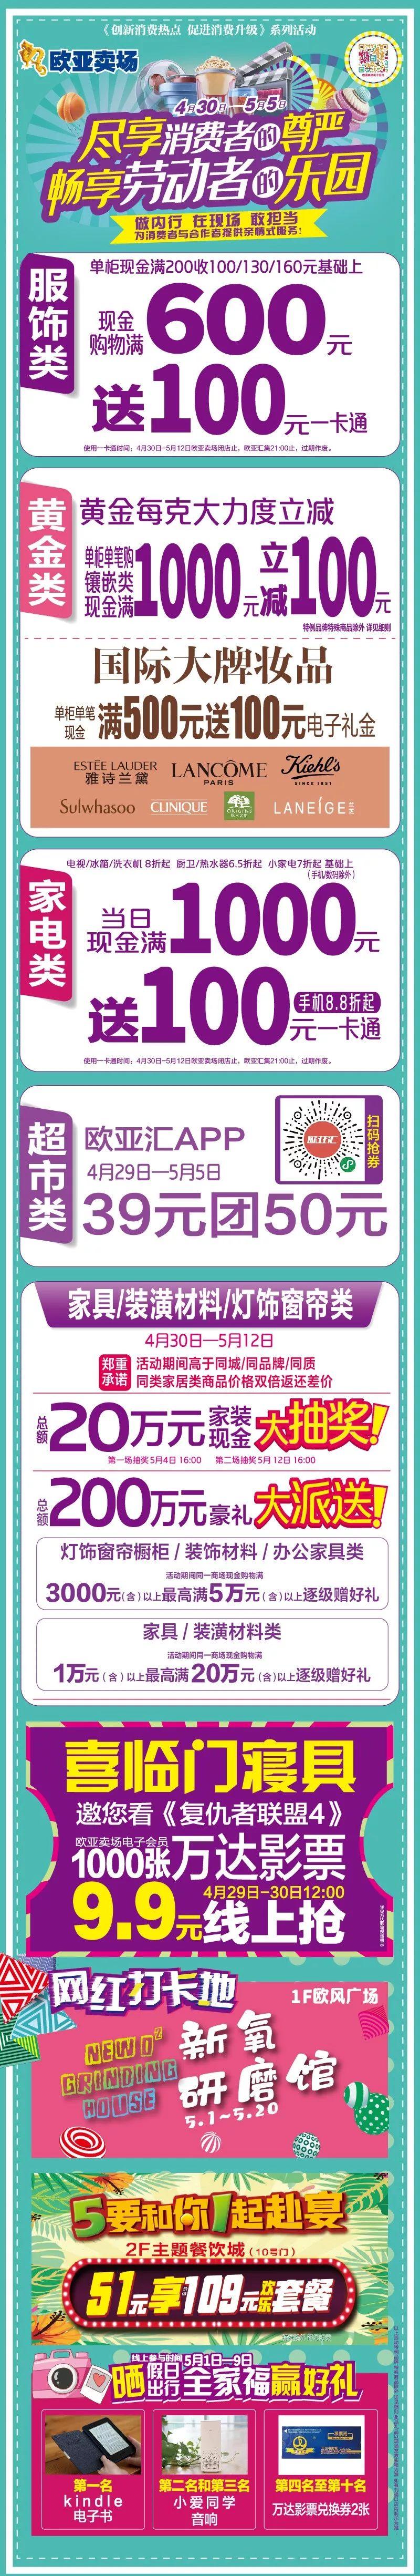 2019长春五一劳动节欧亚卖场打折优惠活动